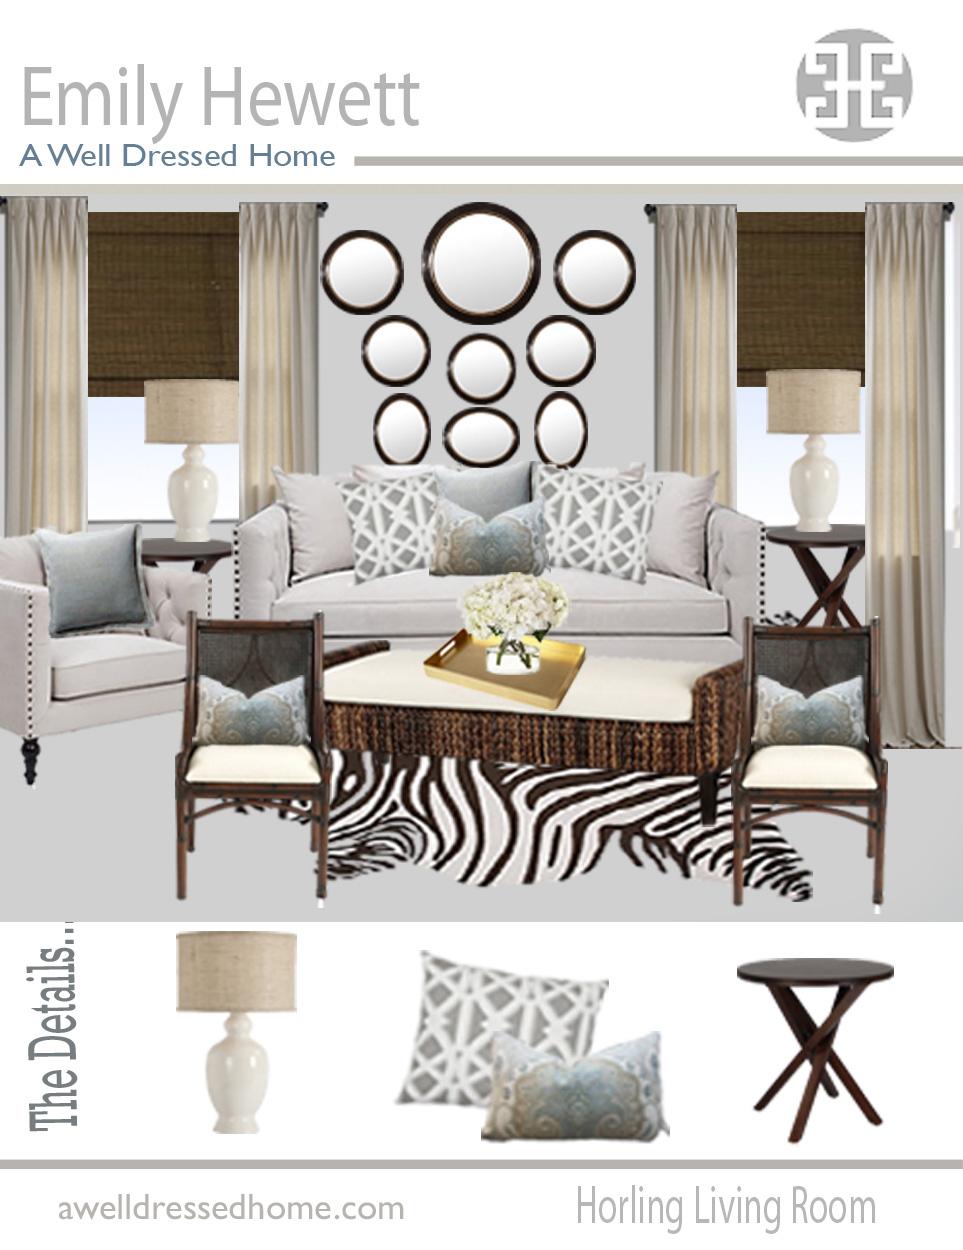 AWDH ODB Horling Living Room ODB